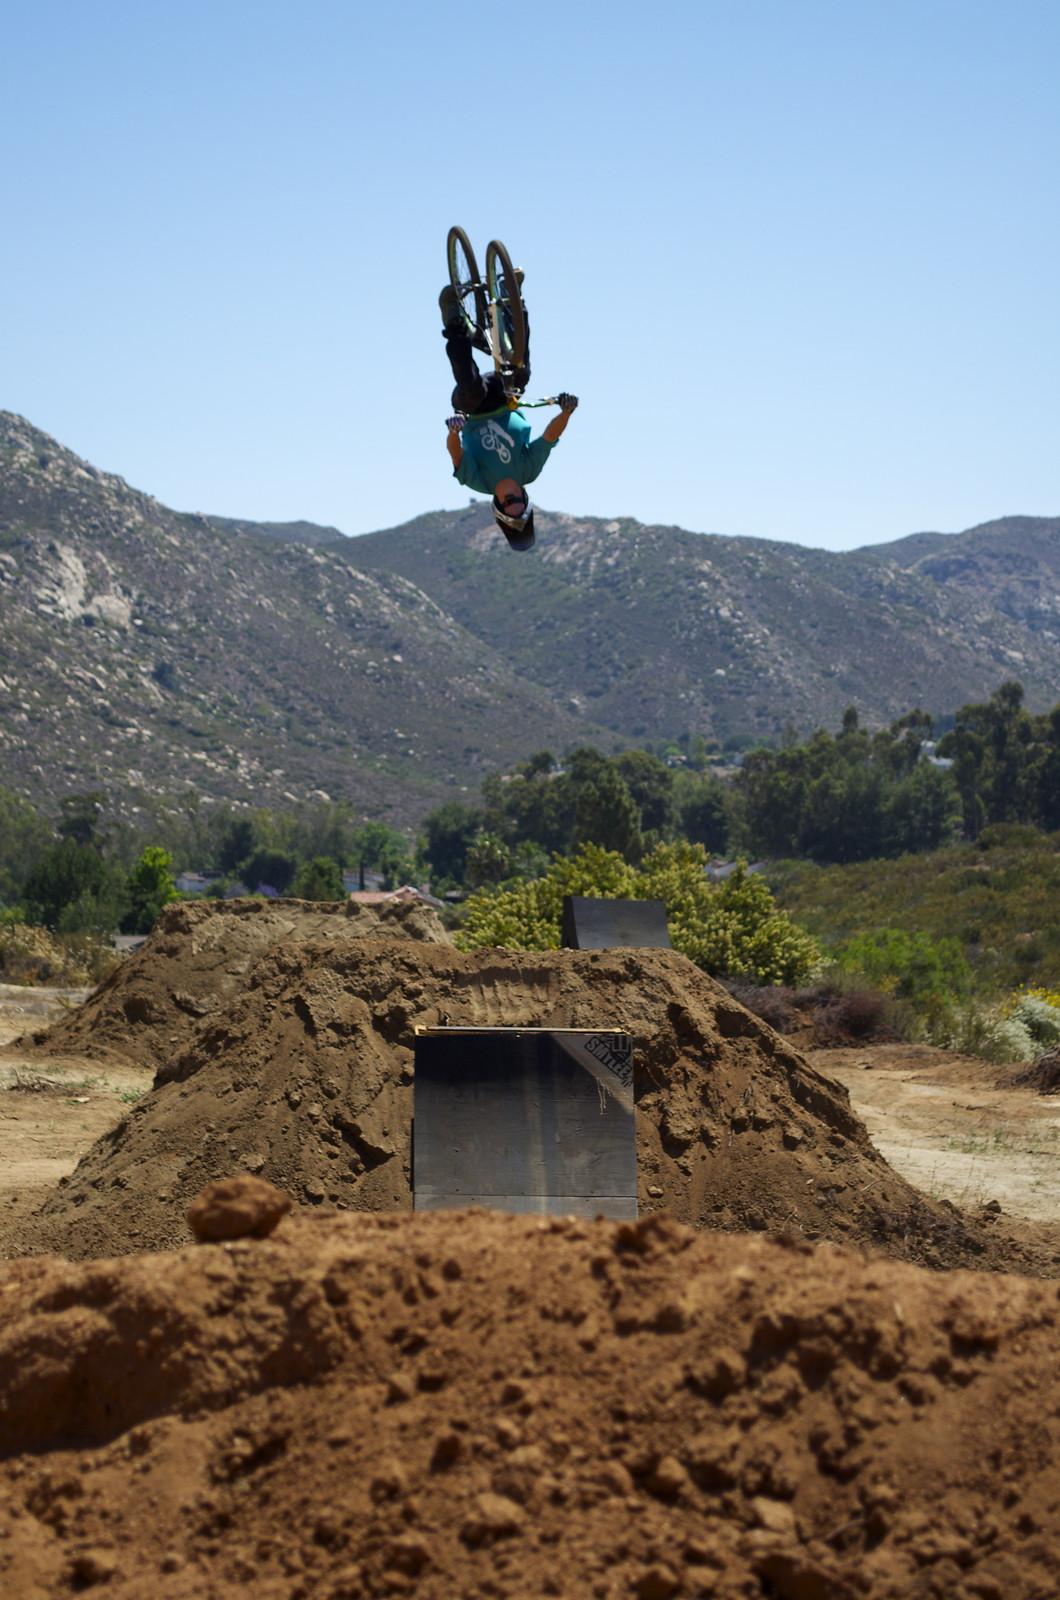 james visser backflip - lucas.delozier - Mountain Biking Pictures - Vital MTB